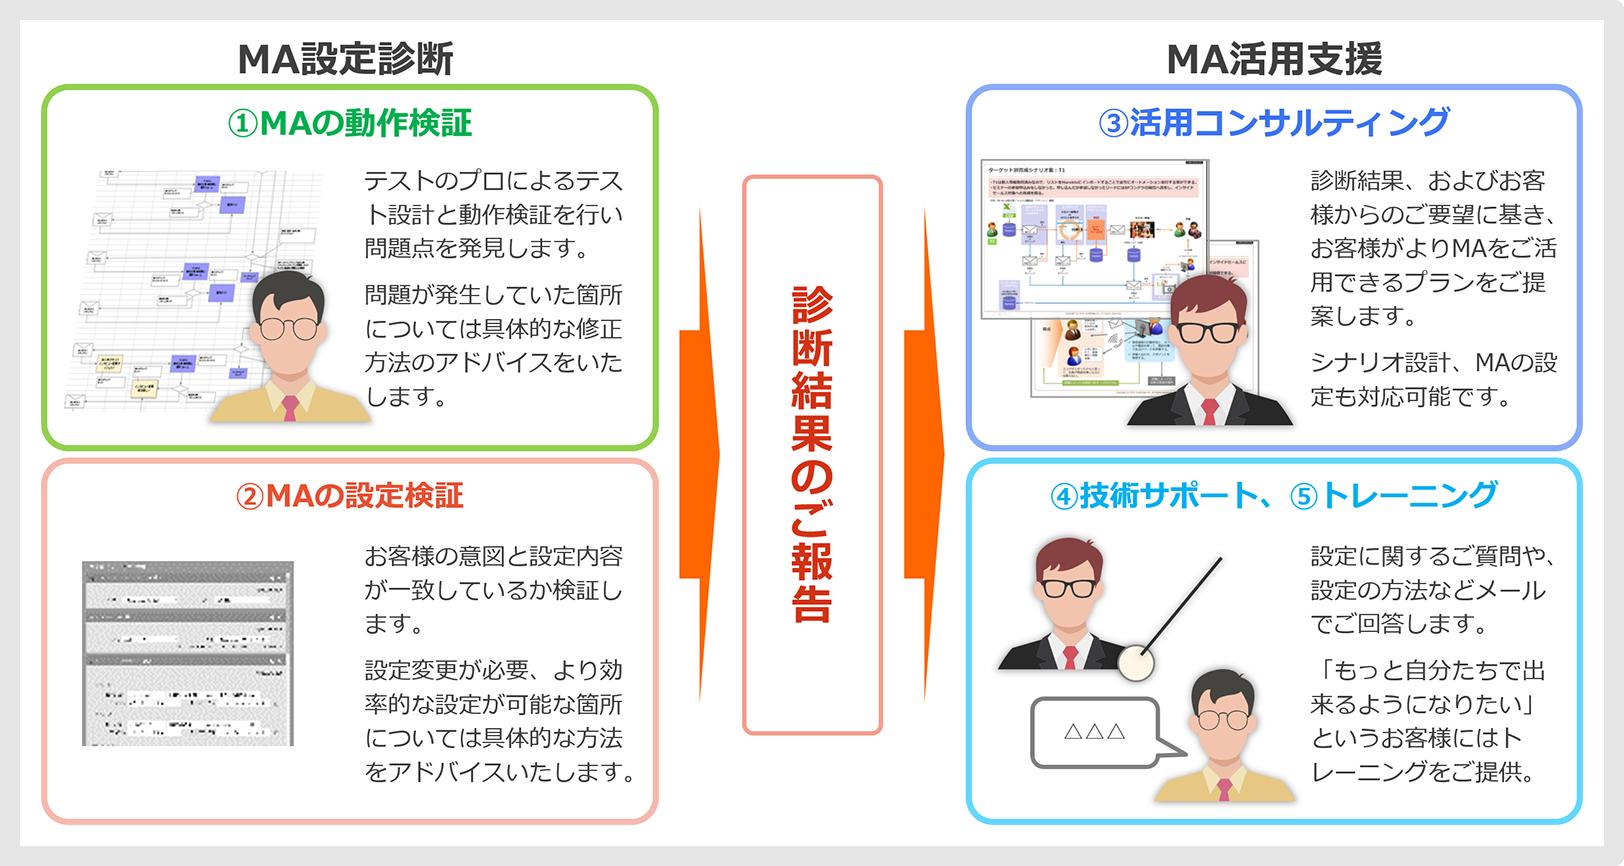 マーケティングオートメーション設定診断・活用支援イメージ